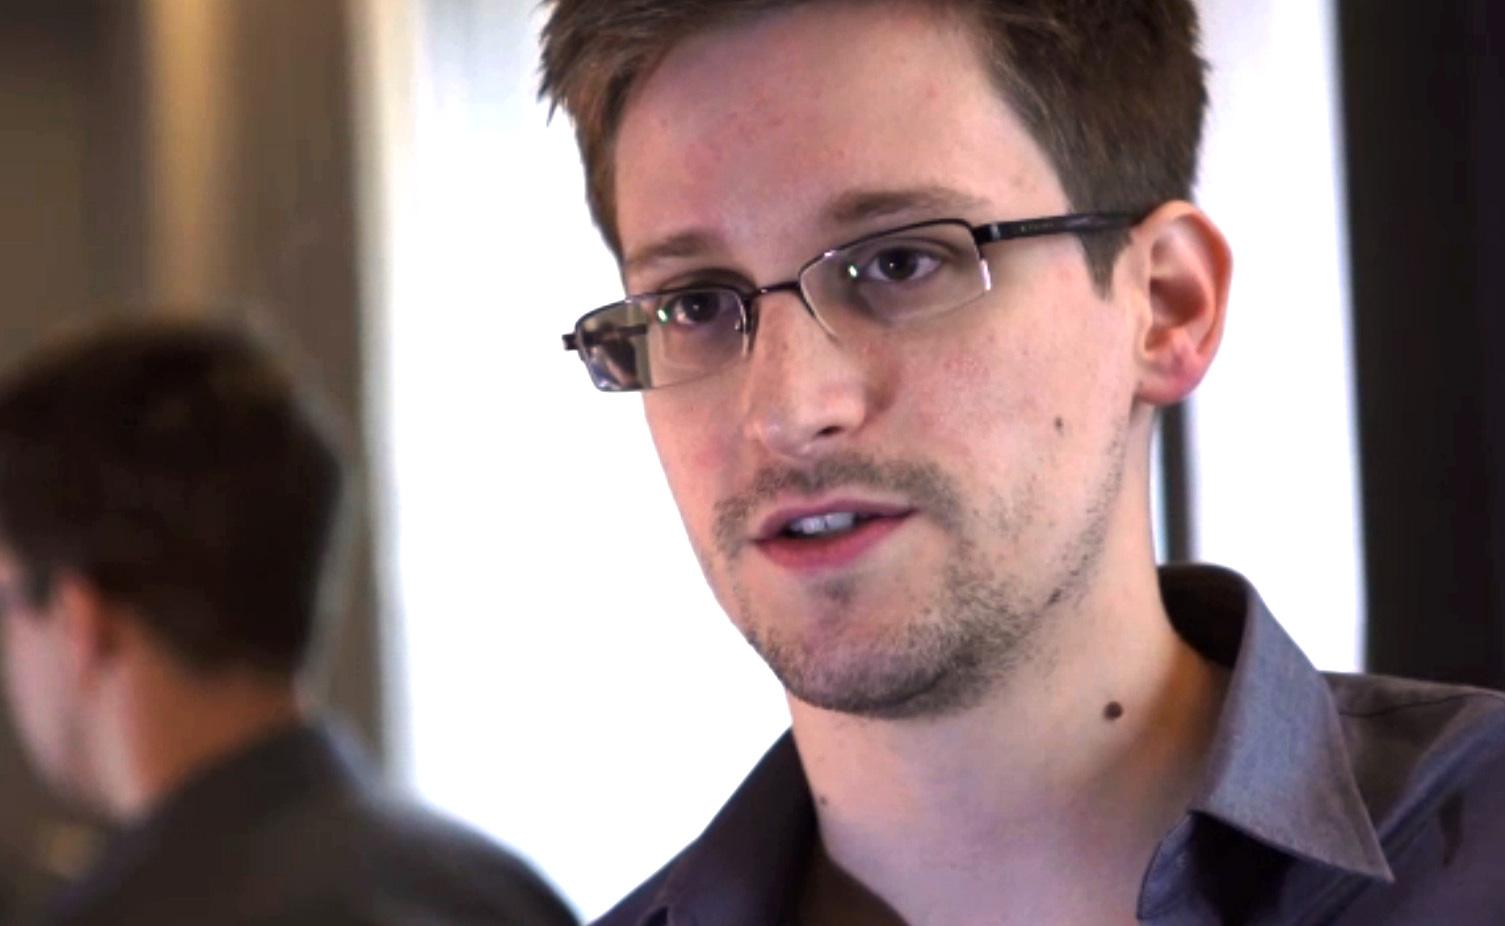 Edward Snowden fired by Booz Allen after NSA leaks - CBS News  Edward Snowden ...